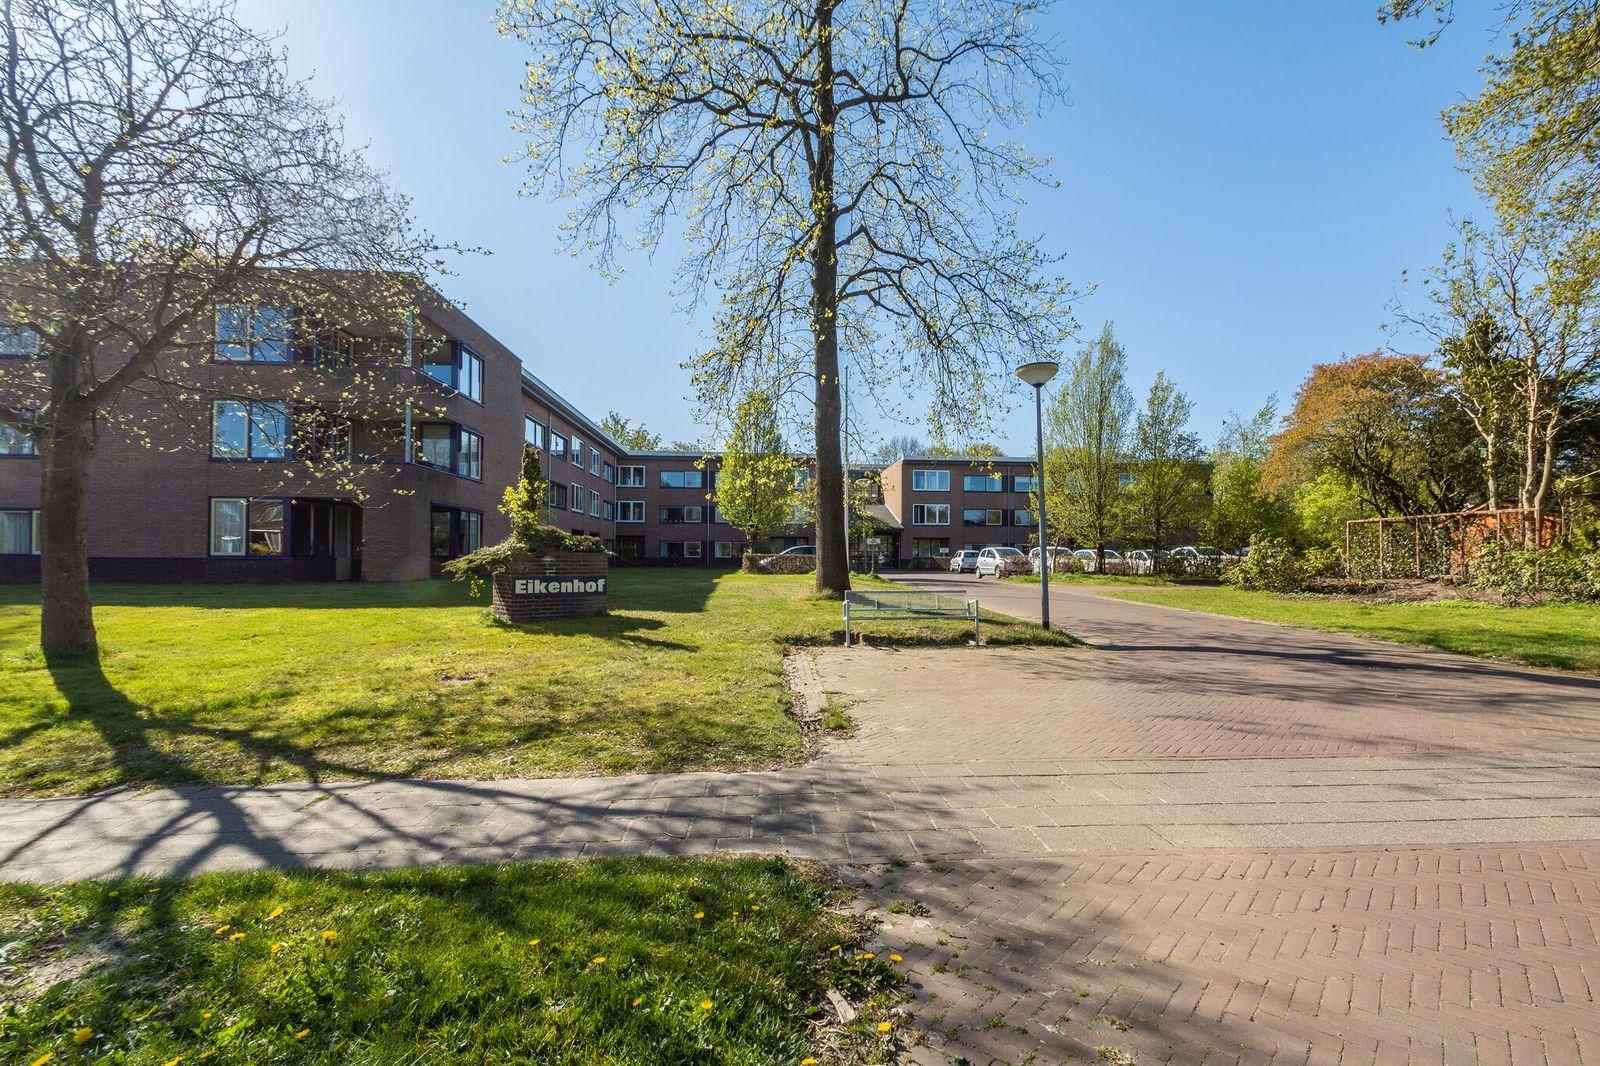 Tynaarlosestraat 26a, Vries